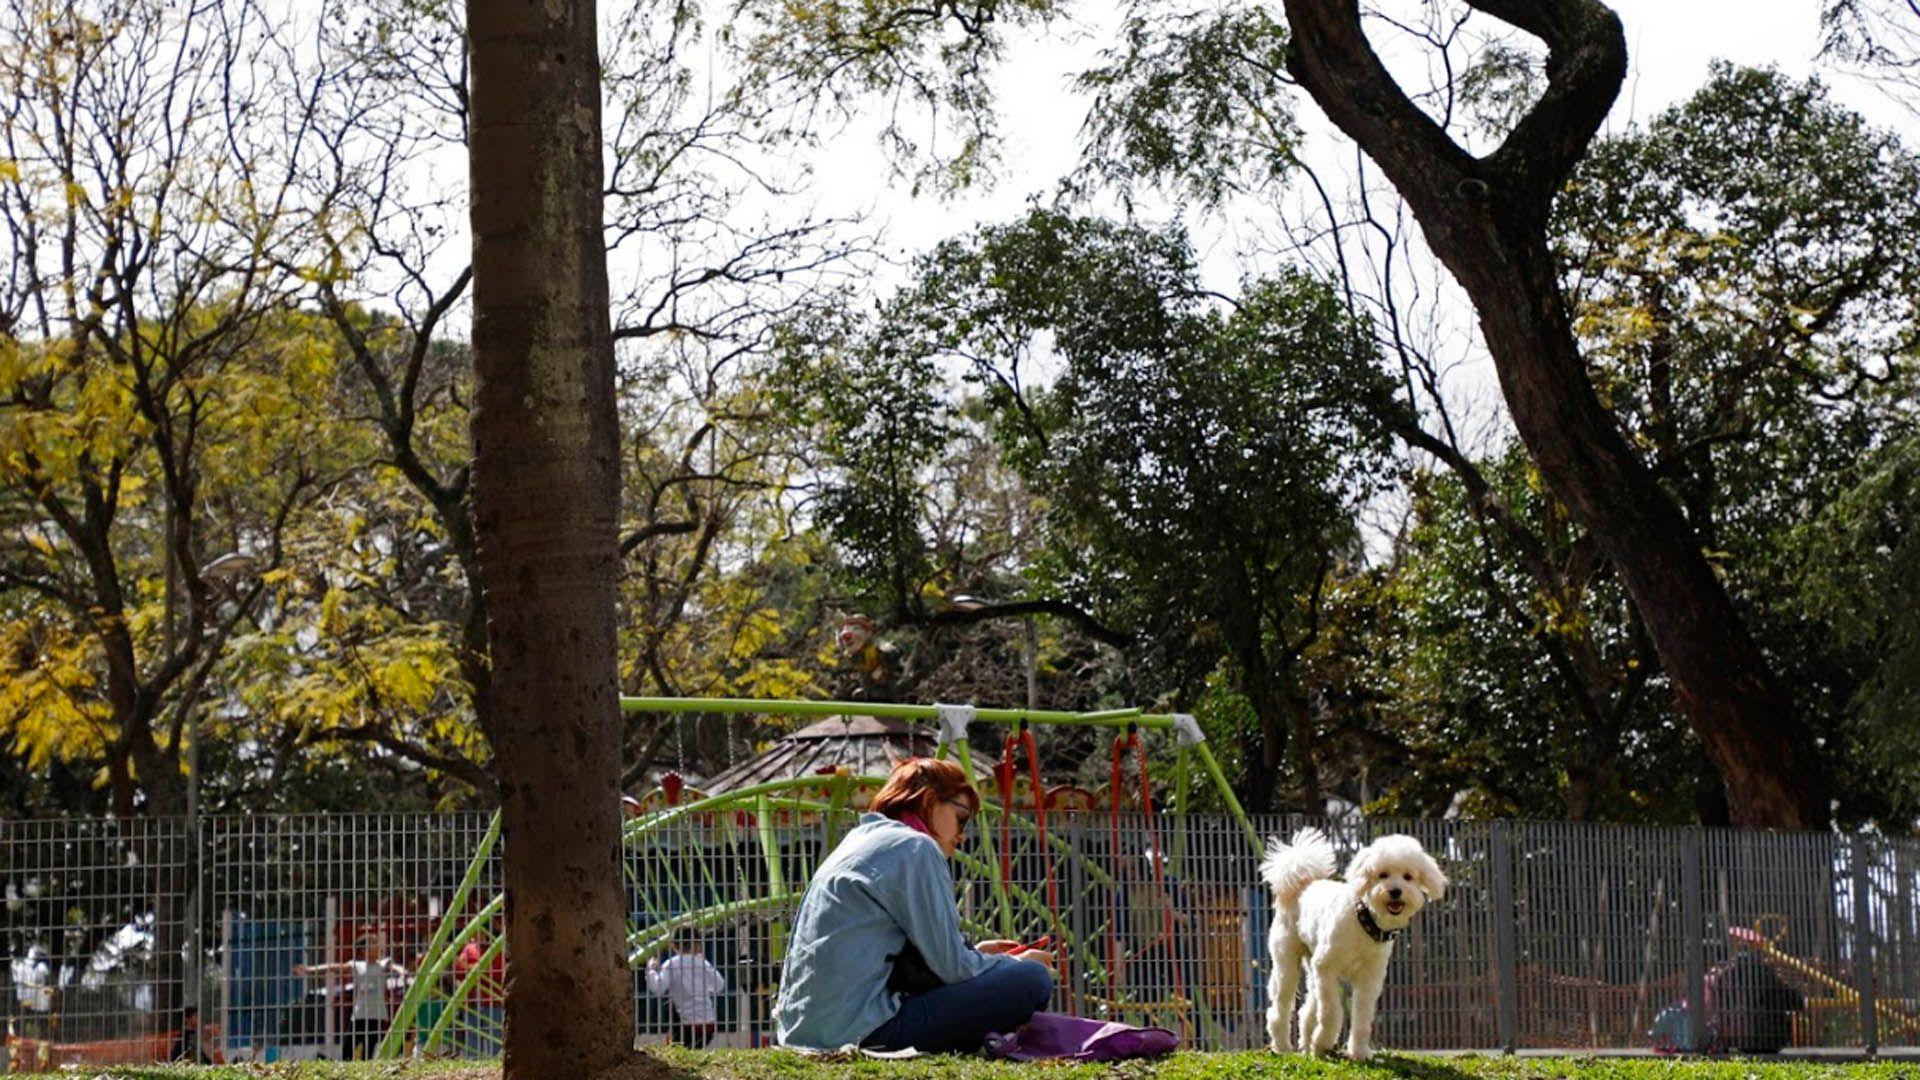 La Ciudad de Buenos Aires y las provincias de Buenos Aires, Santa Fe y Córdoba decidieron conjuntamente no habilitar las salidas recreativas